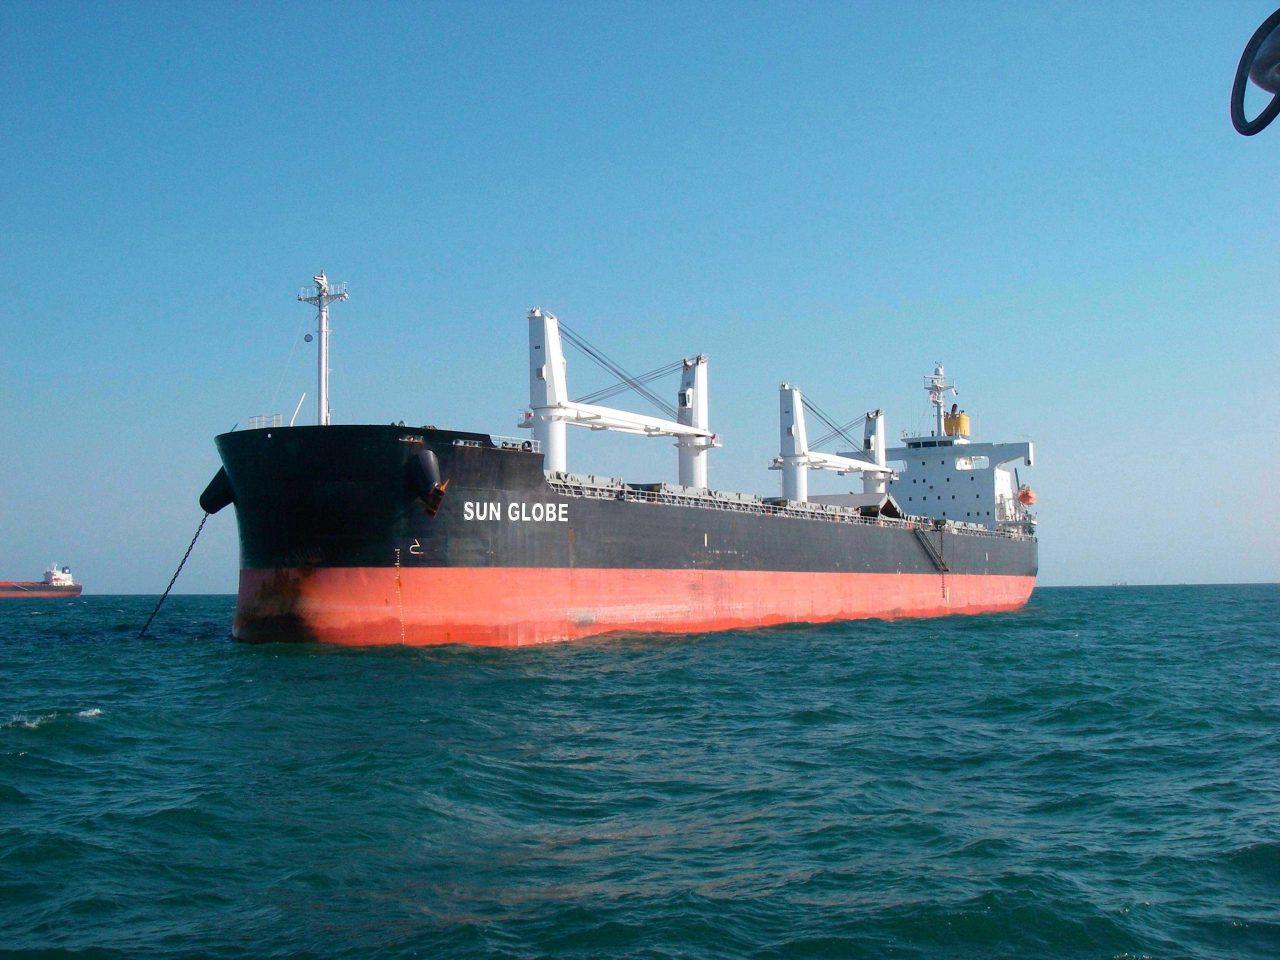 Το φορτηγό πλοίο τύπου supramax